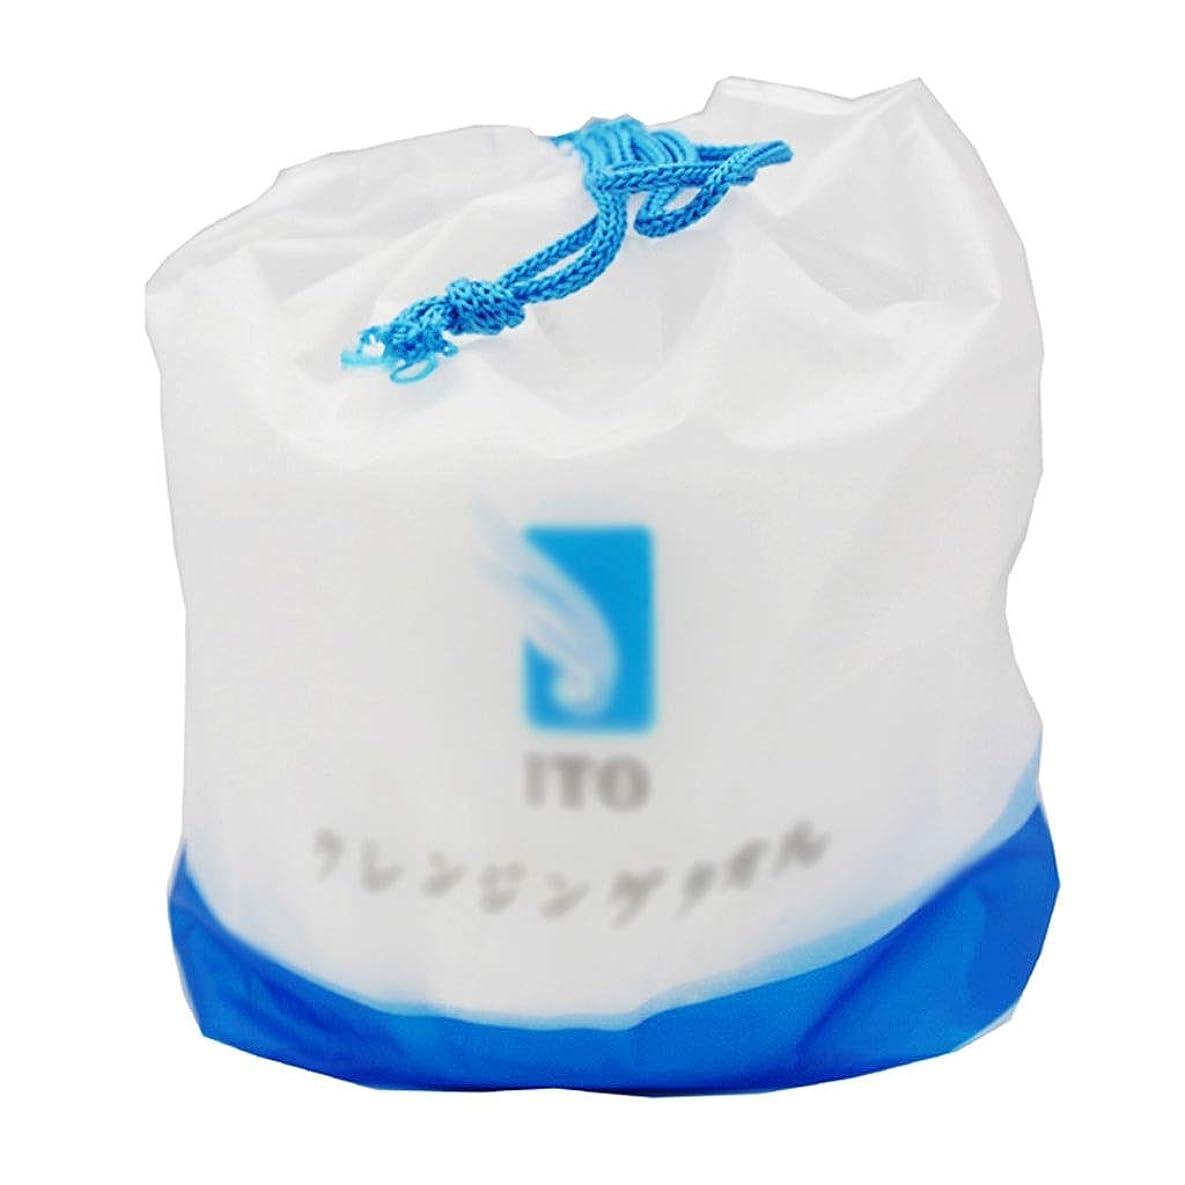 オーストラリア大胆バレエクレンジングシート 綿美容フェイスタオル使い捨てクレンジングタオルタオルロール綿パッド女性の美容ツール多目的 (Color : White, サイズ : 20*25cm)